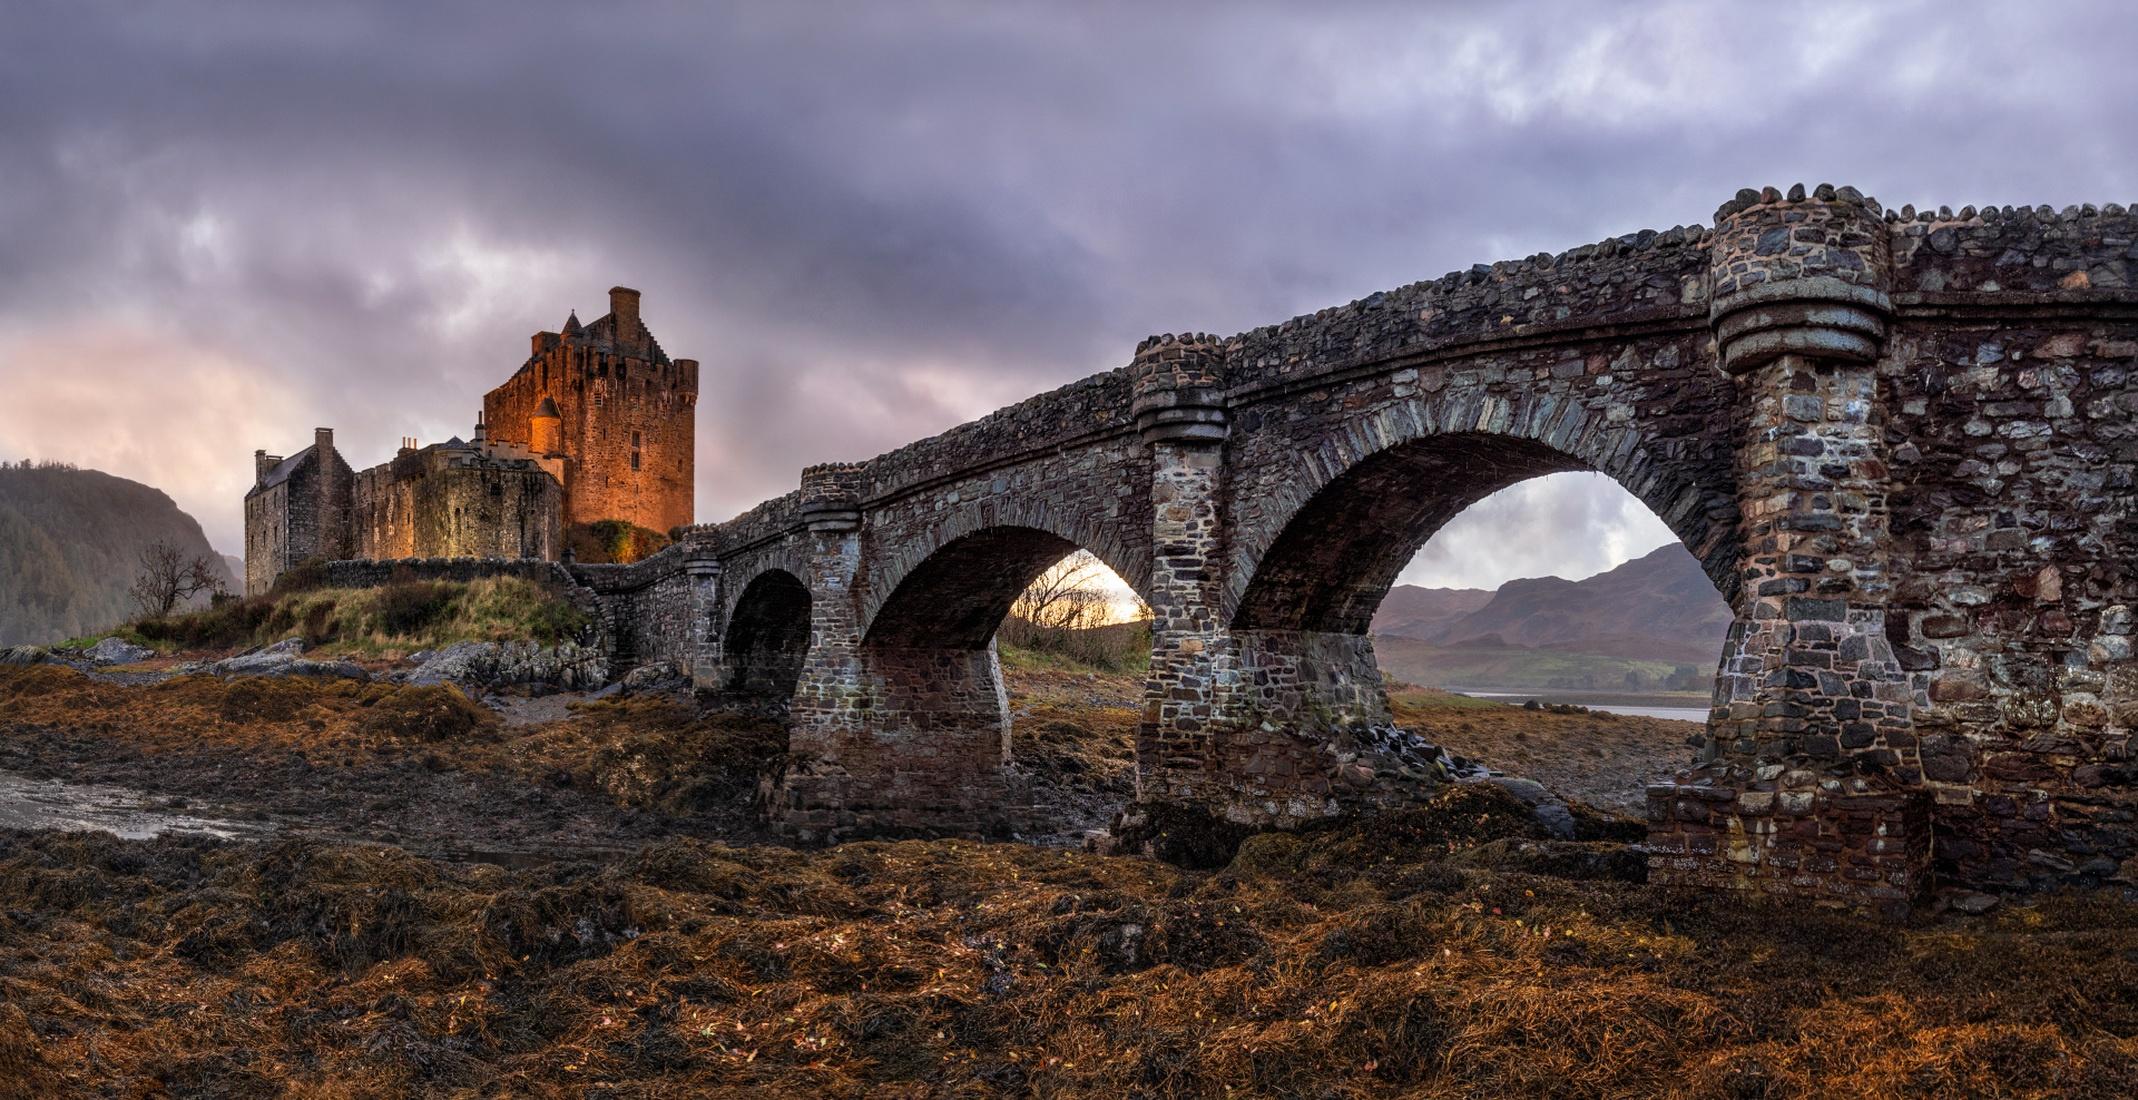 Bridge Castle Eilean Donan Castle Scotland 2138x1100